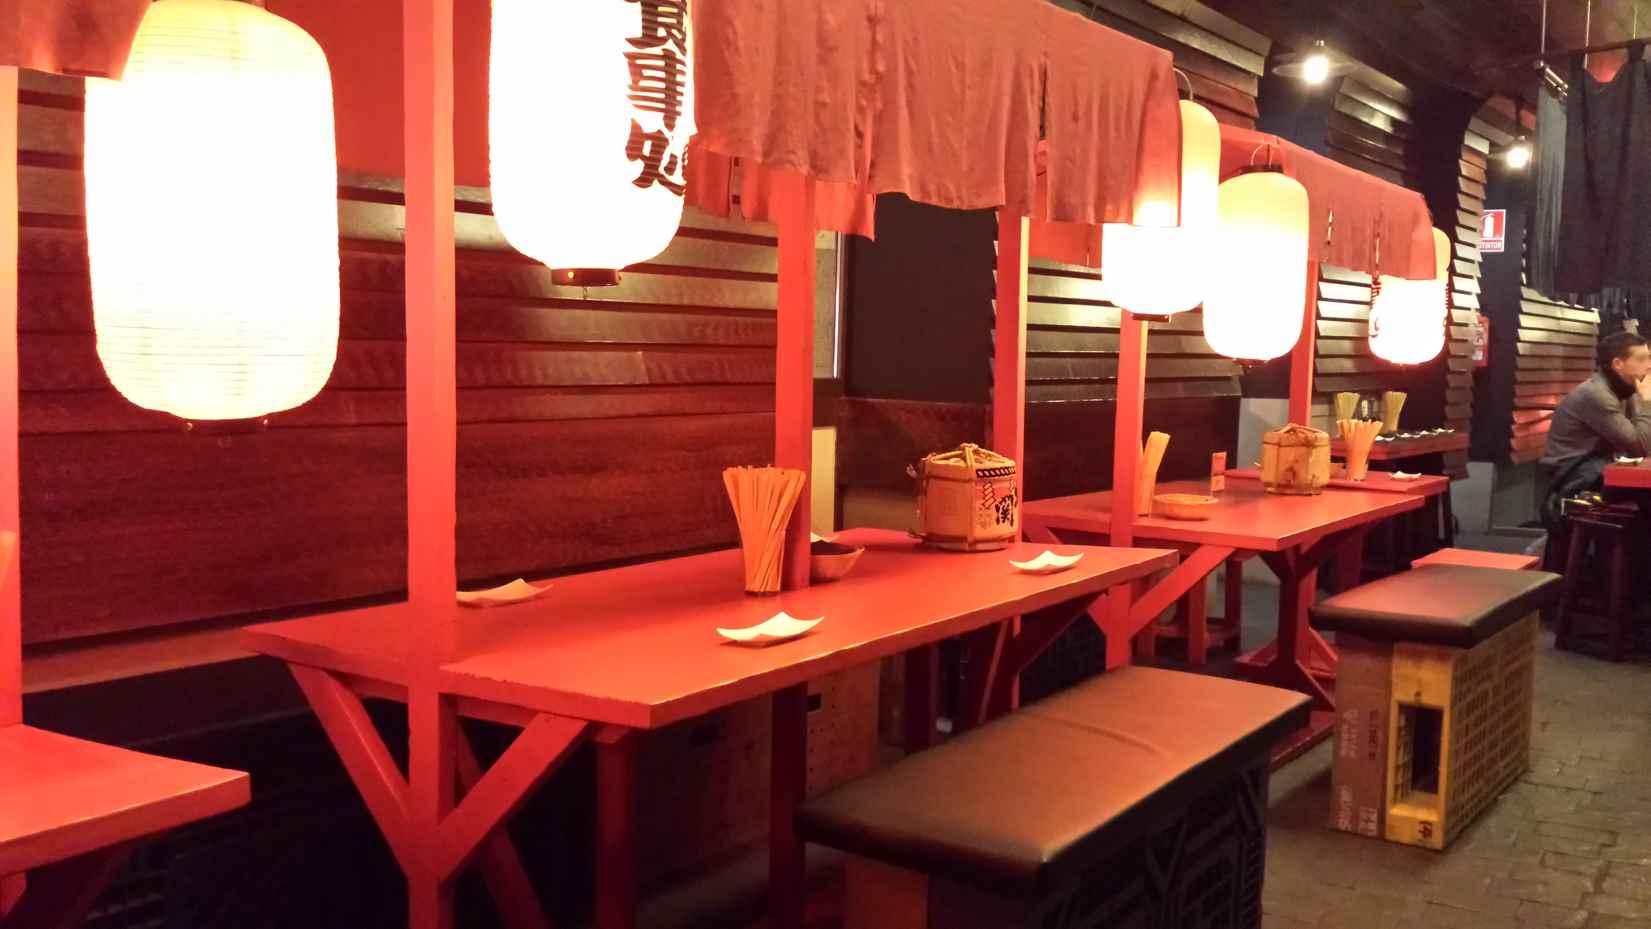 Puestos callejeros - Hattori Hanzo - Restaurante japones